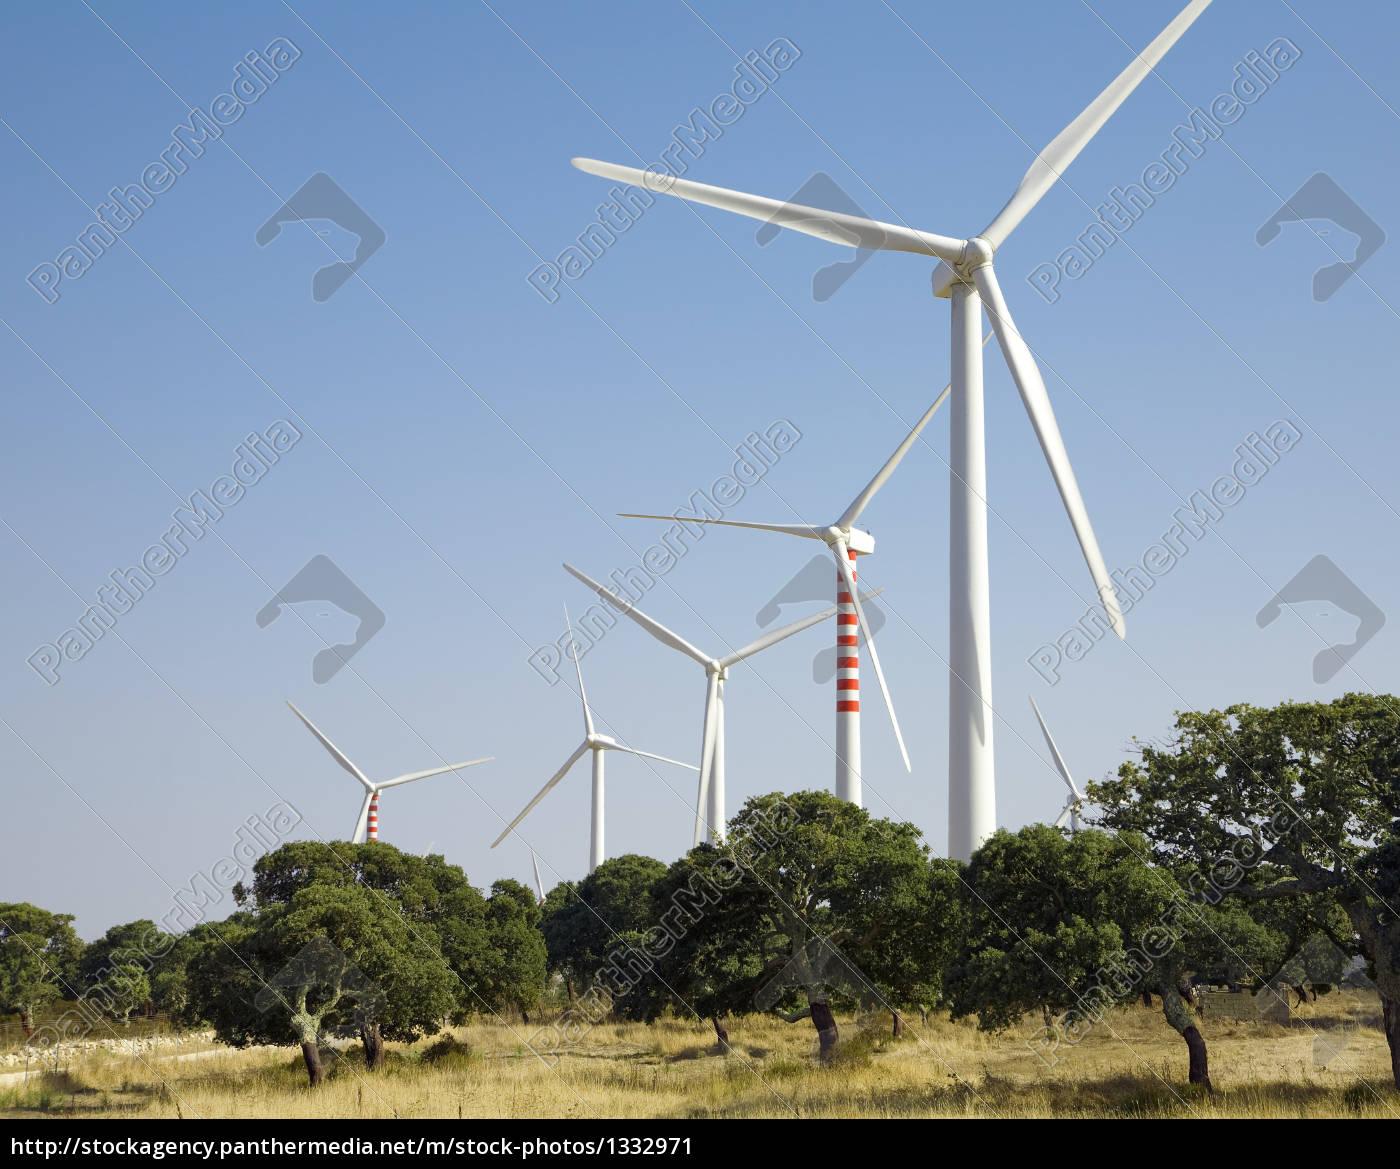 wind, turbines - 1332971